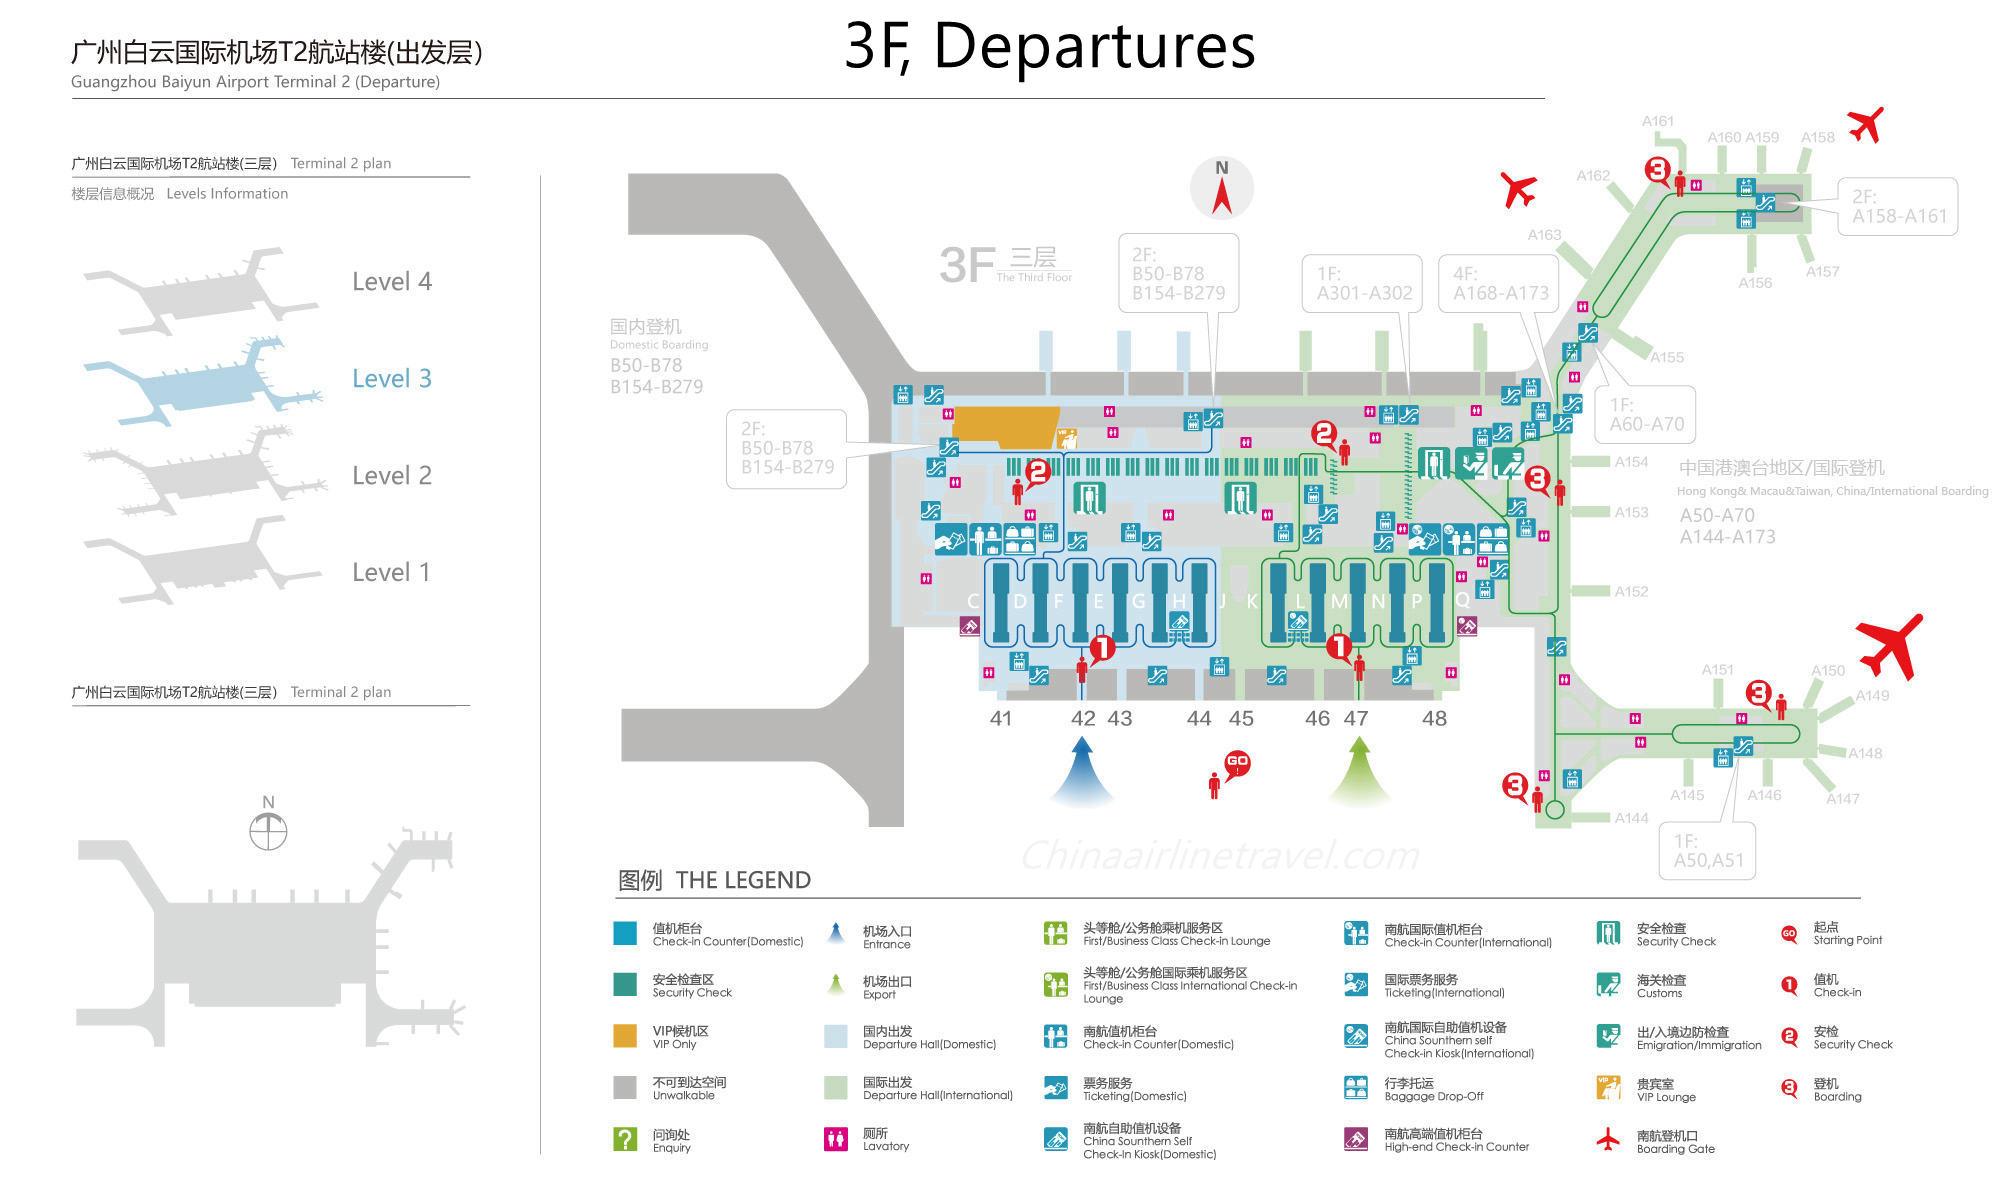 Guangzhou Baiyun International Airport - ZGGG - CAN ...